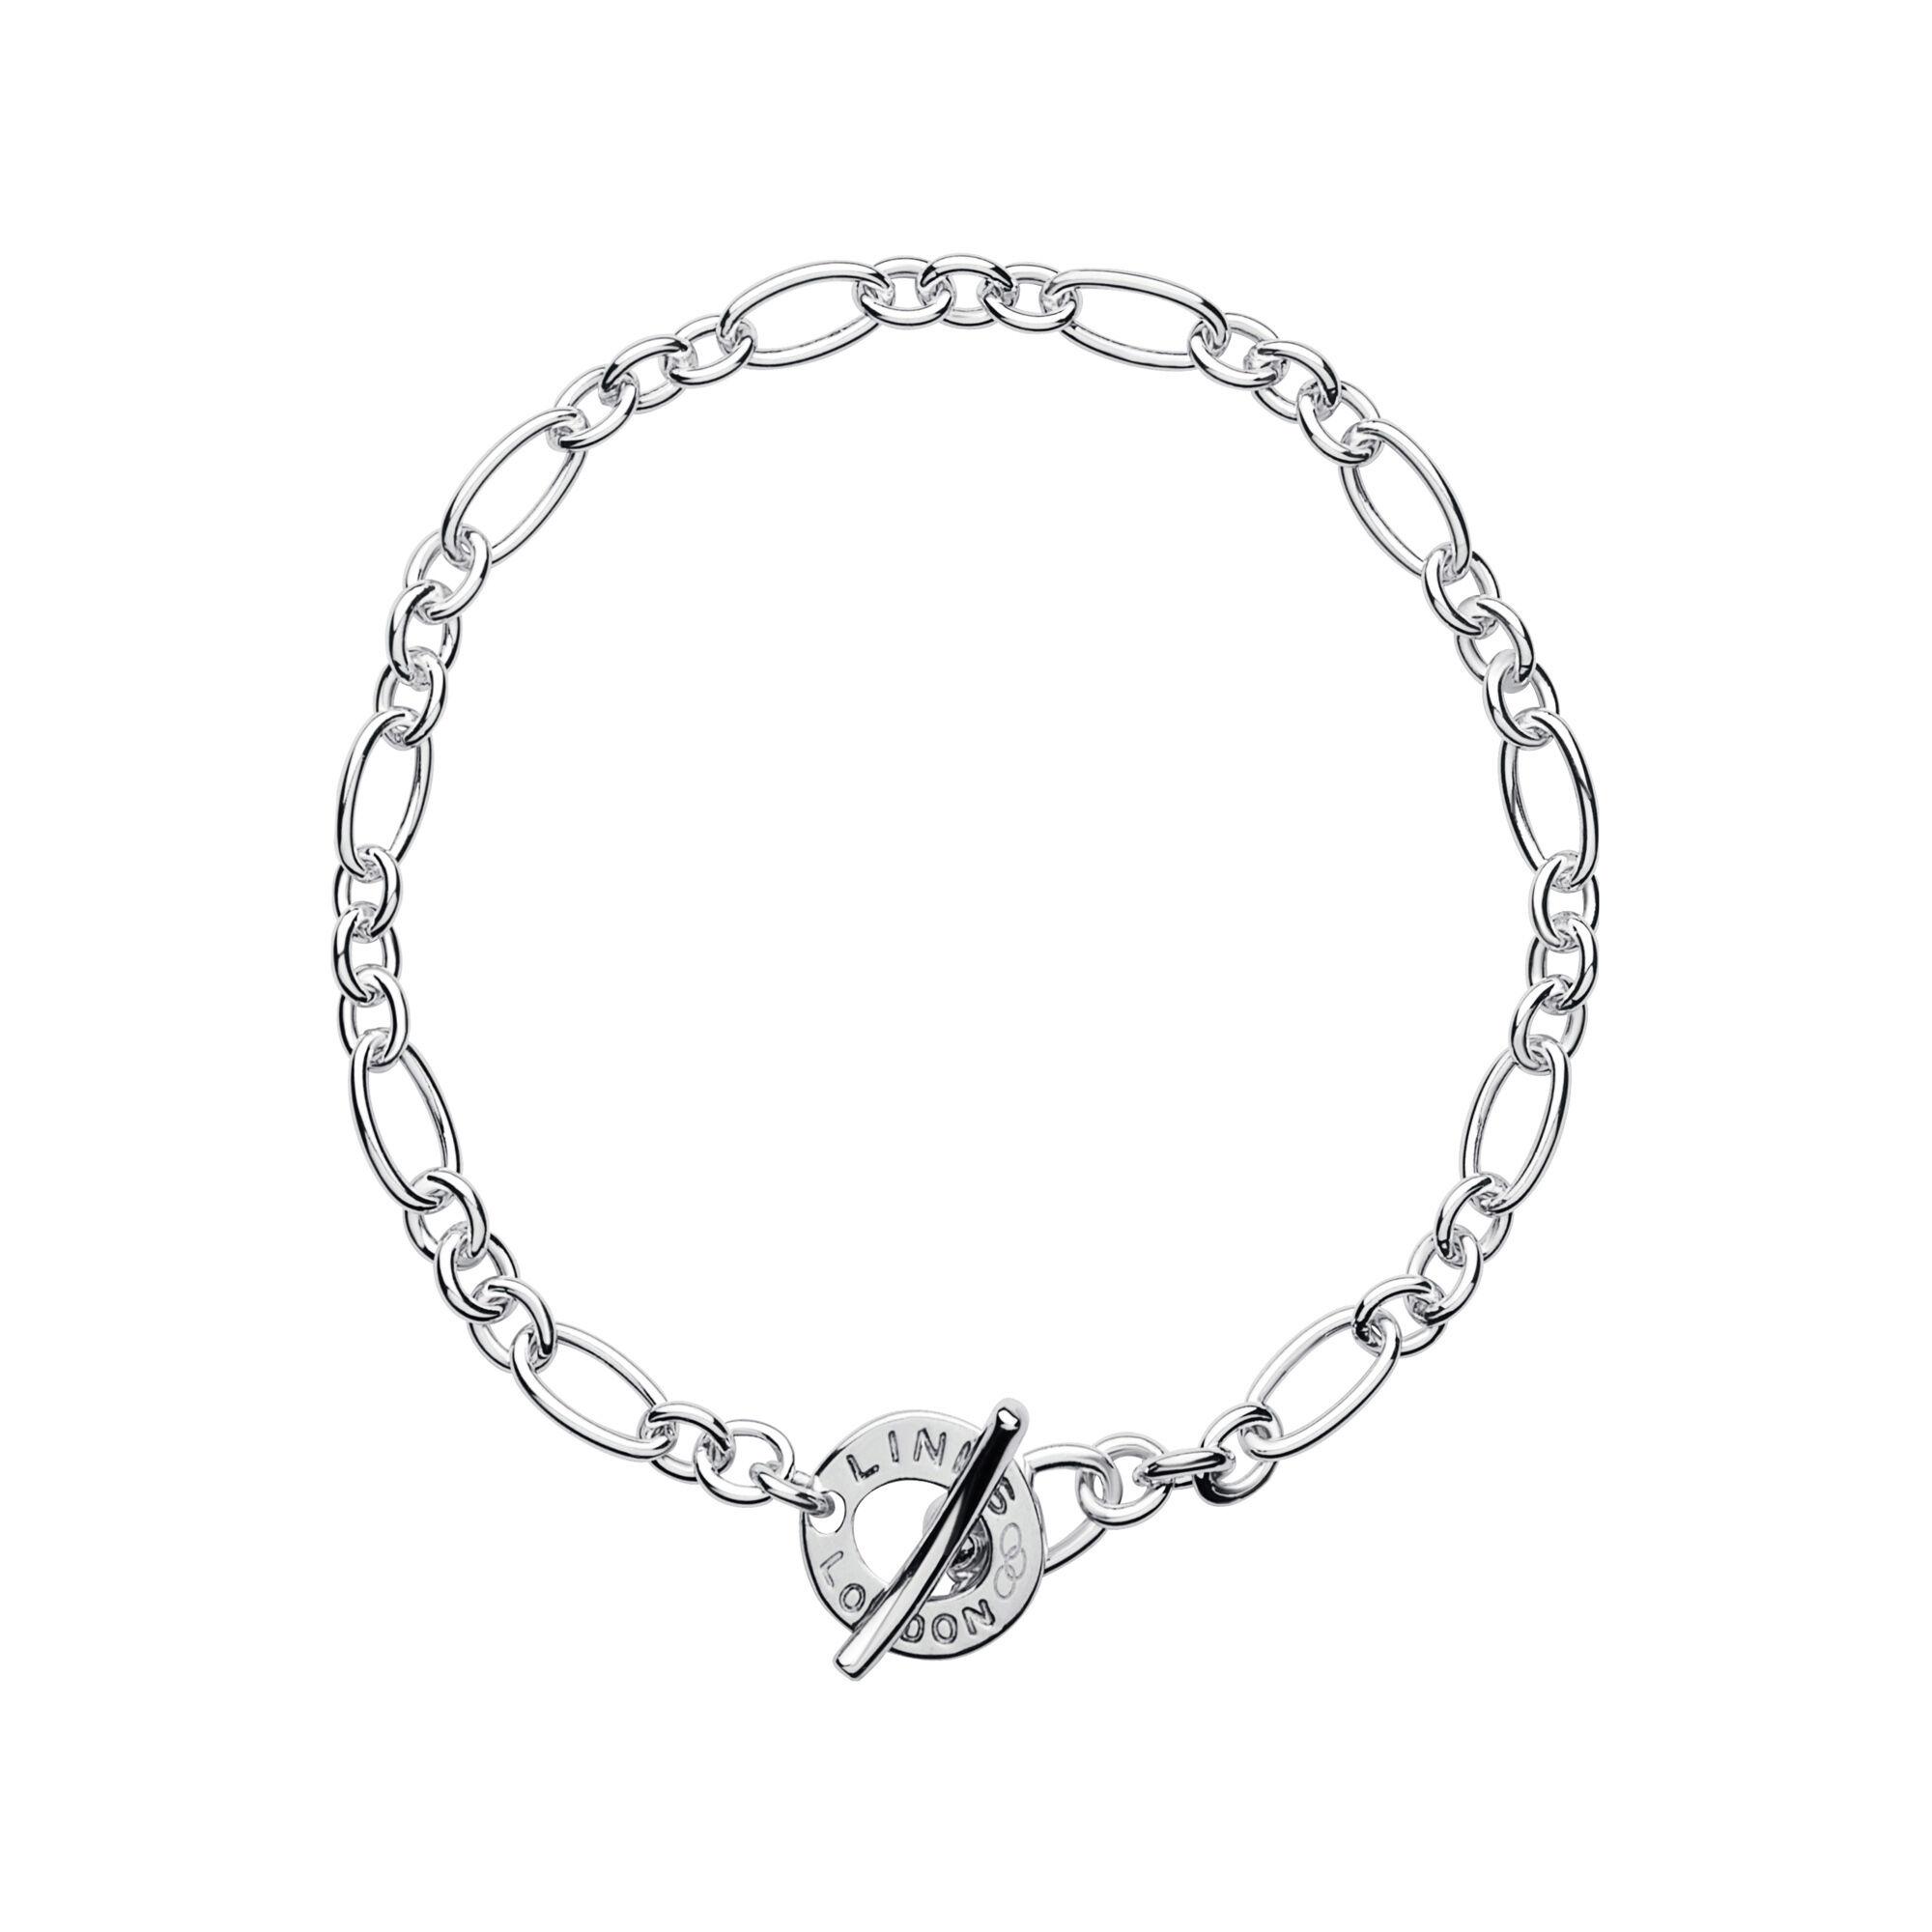 XS Silver Chain Charm Bracelet